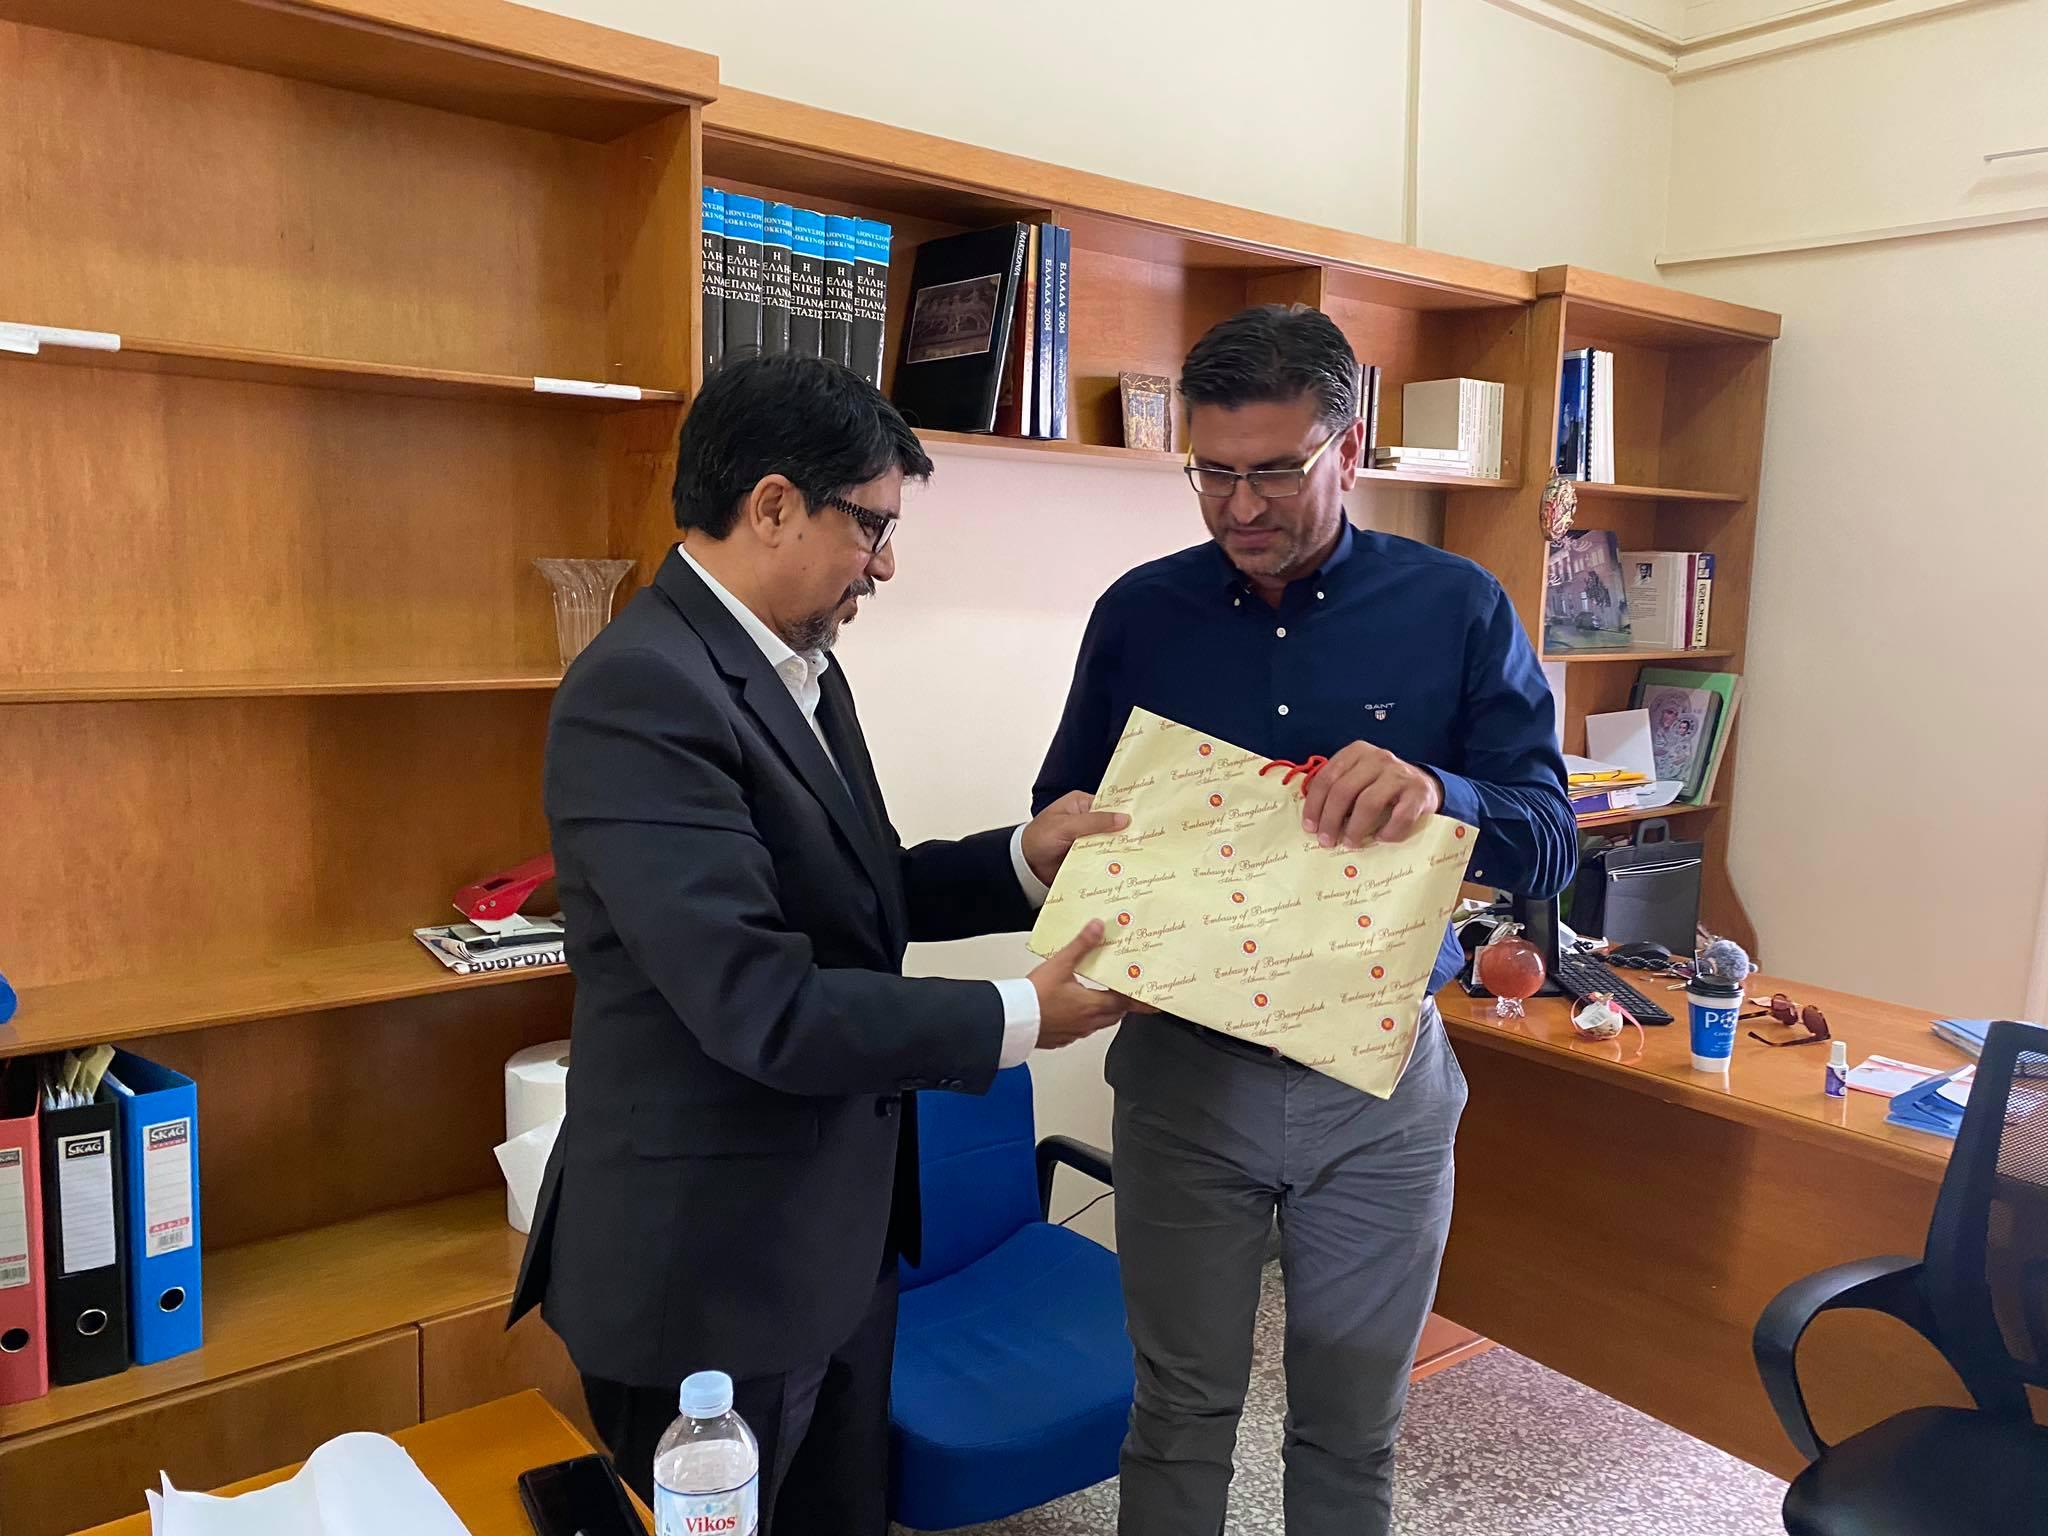 Δήμος Ανδραβίδας-Κυλλήνης: Επίσκεψη του Πρέσβη του Μπαγκλαντές στην Ελλάδα στον Δήμαρχο Γιάννη Λέντζα